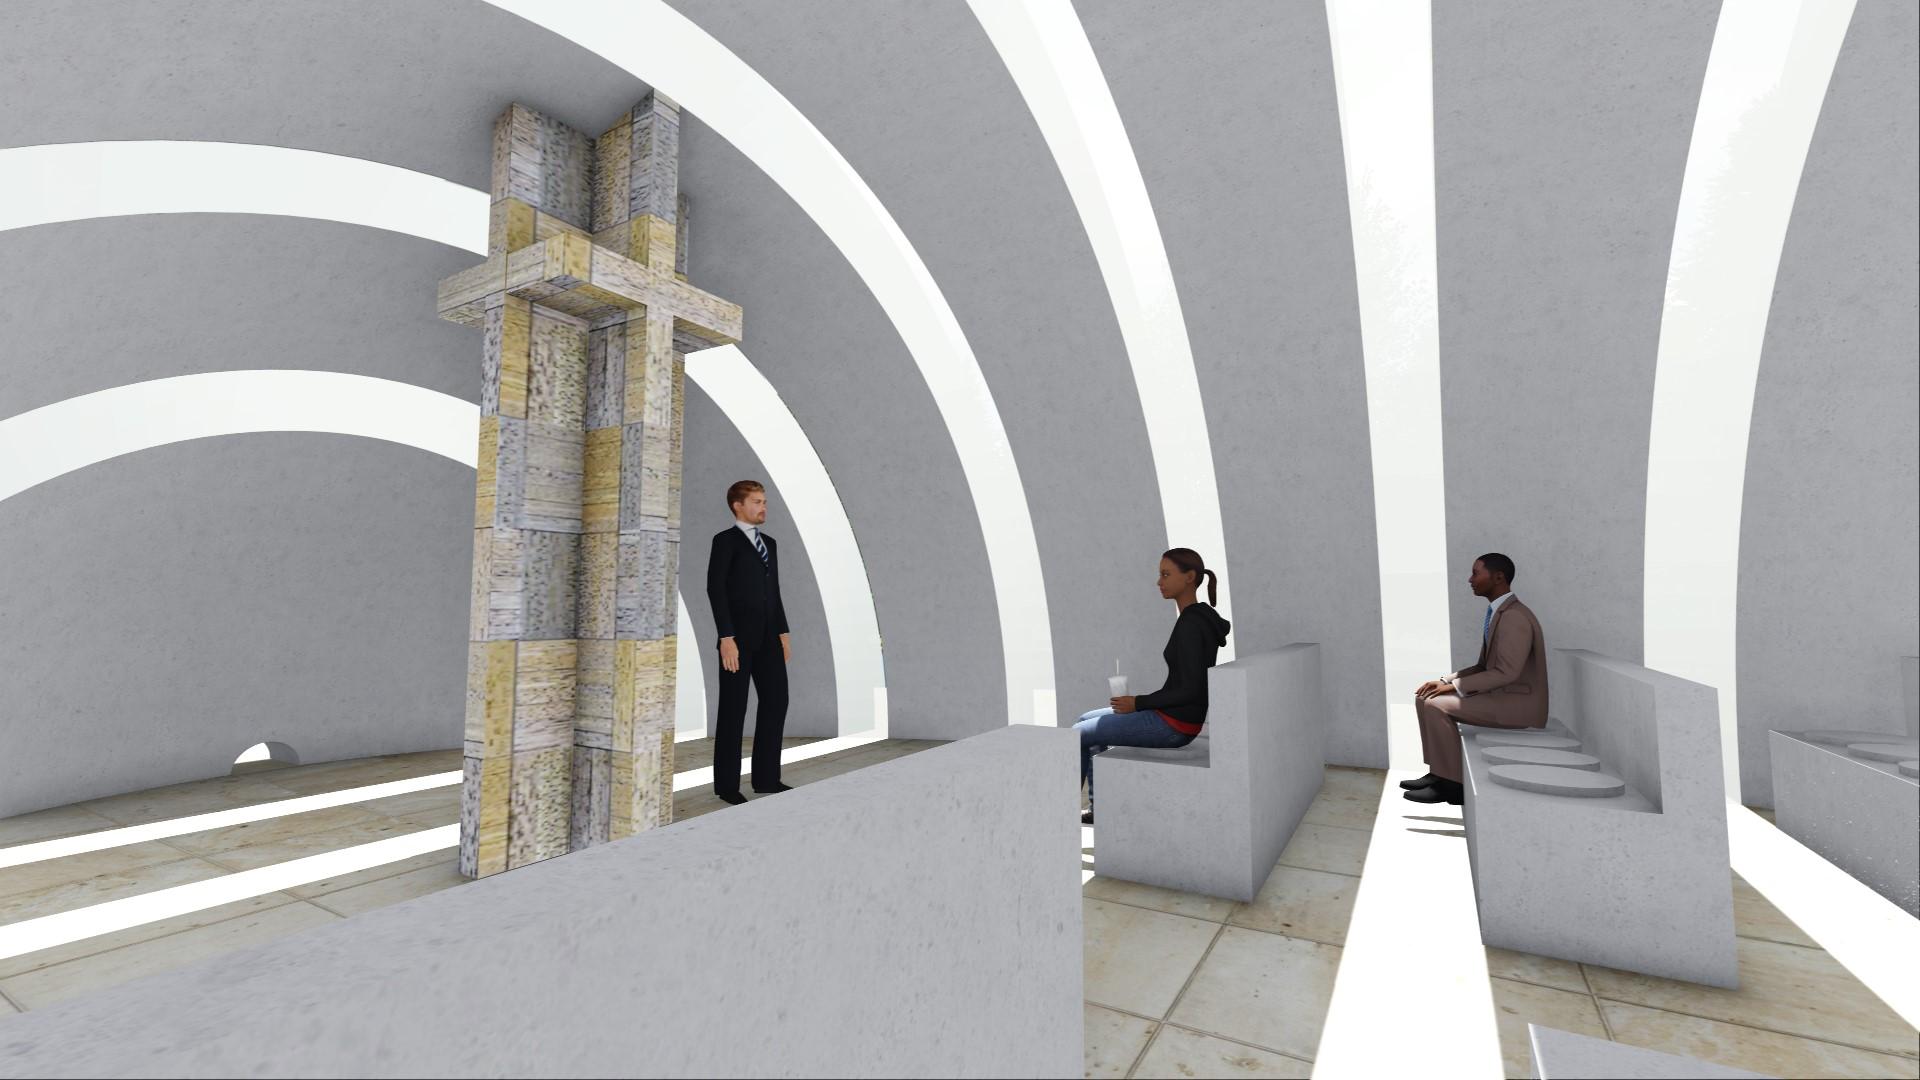 kaple, architektonický návrh